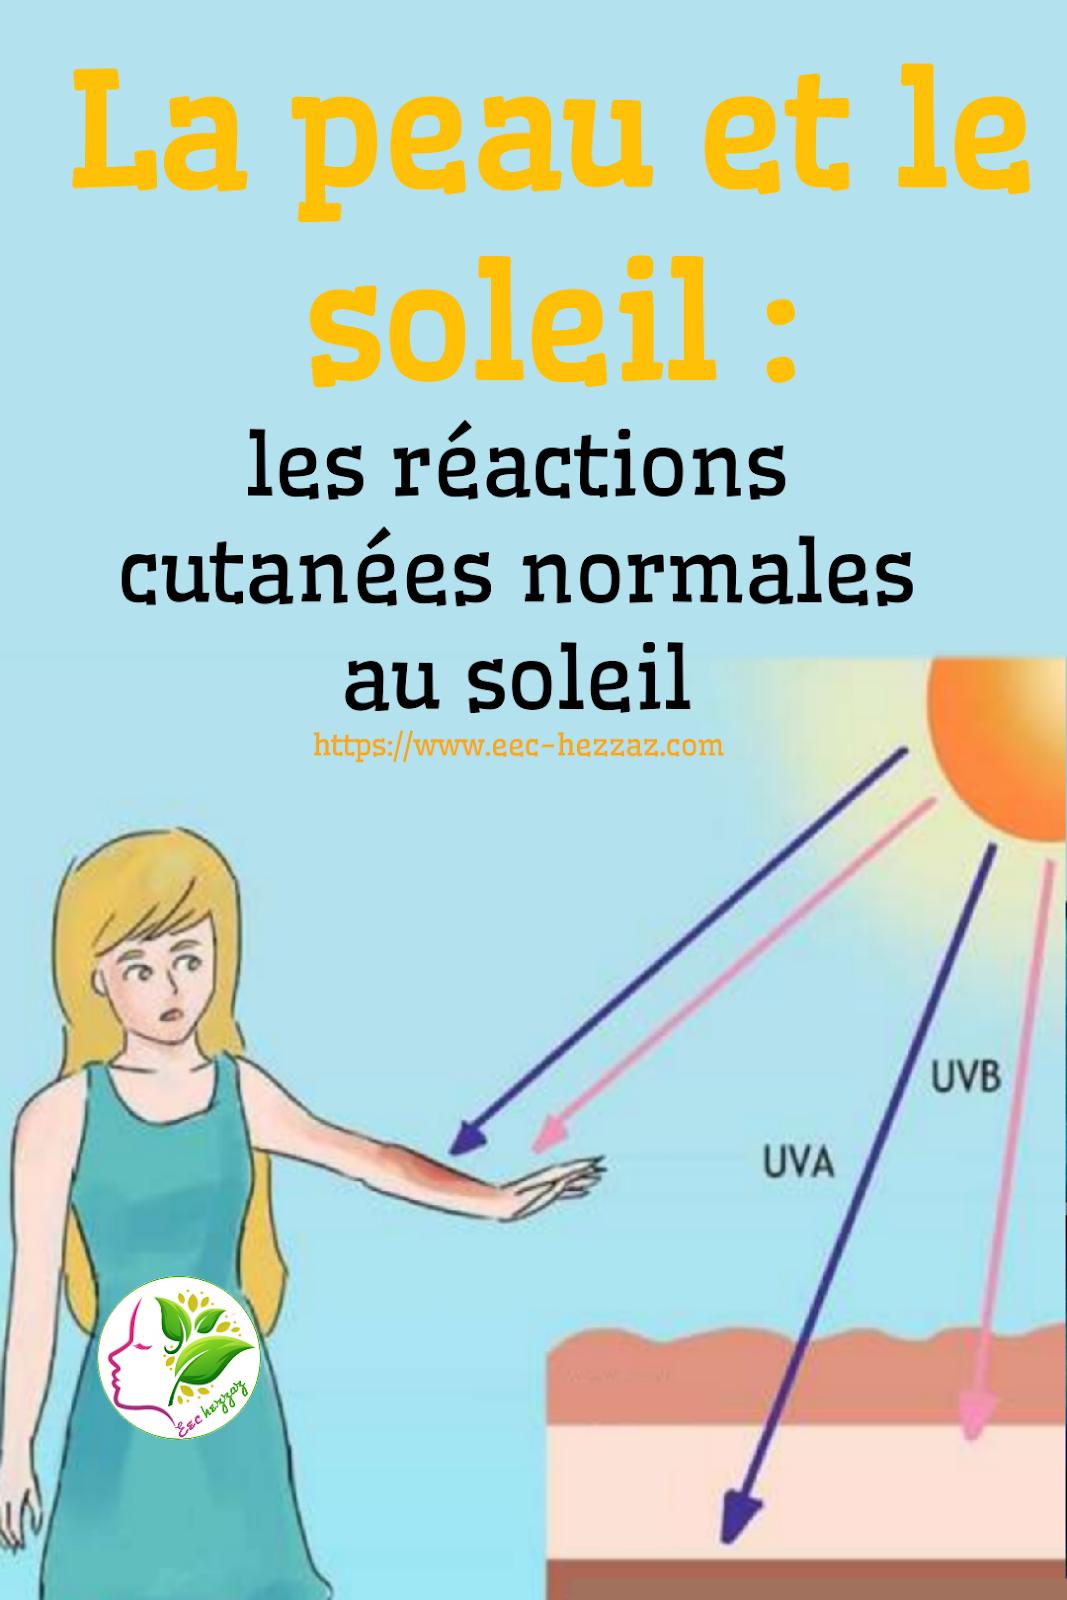 La peau et le soleil : les réactions cutanées normales au soleil